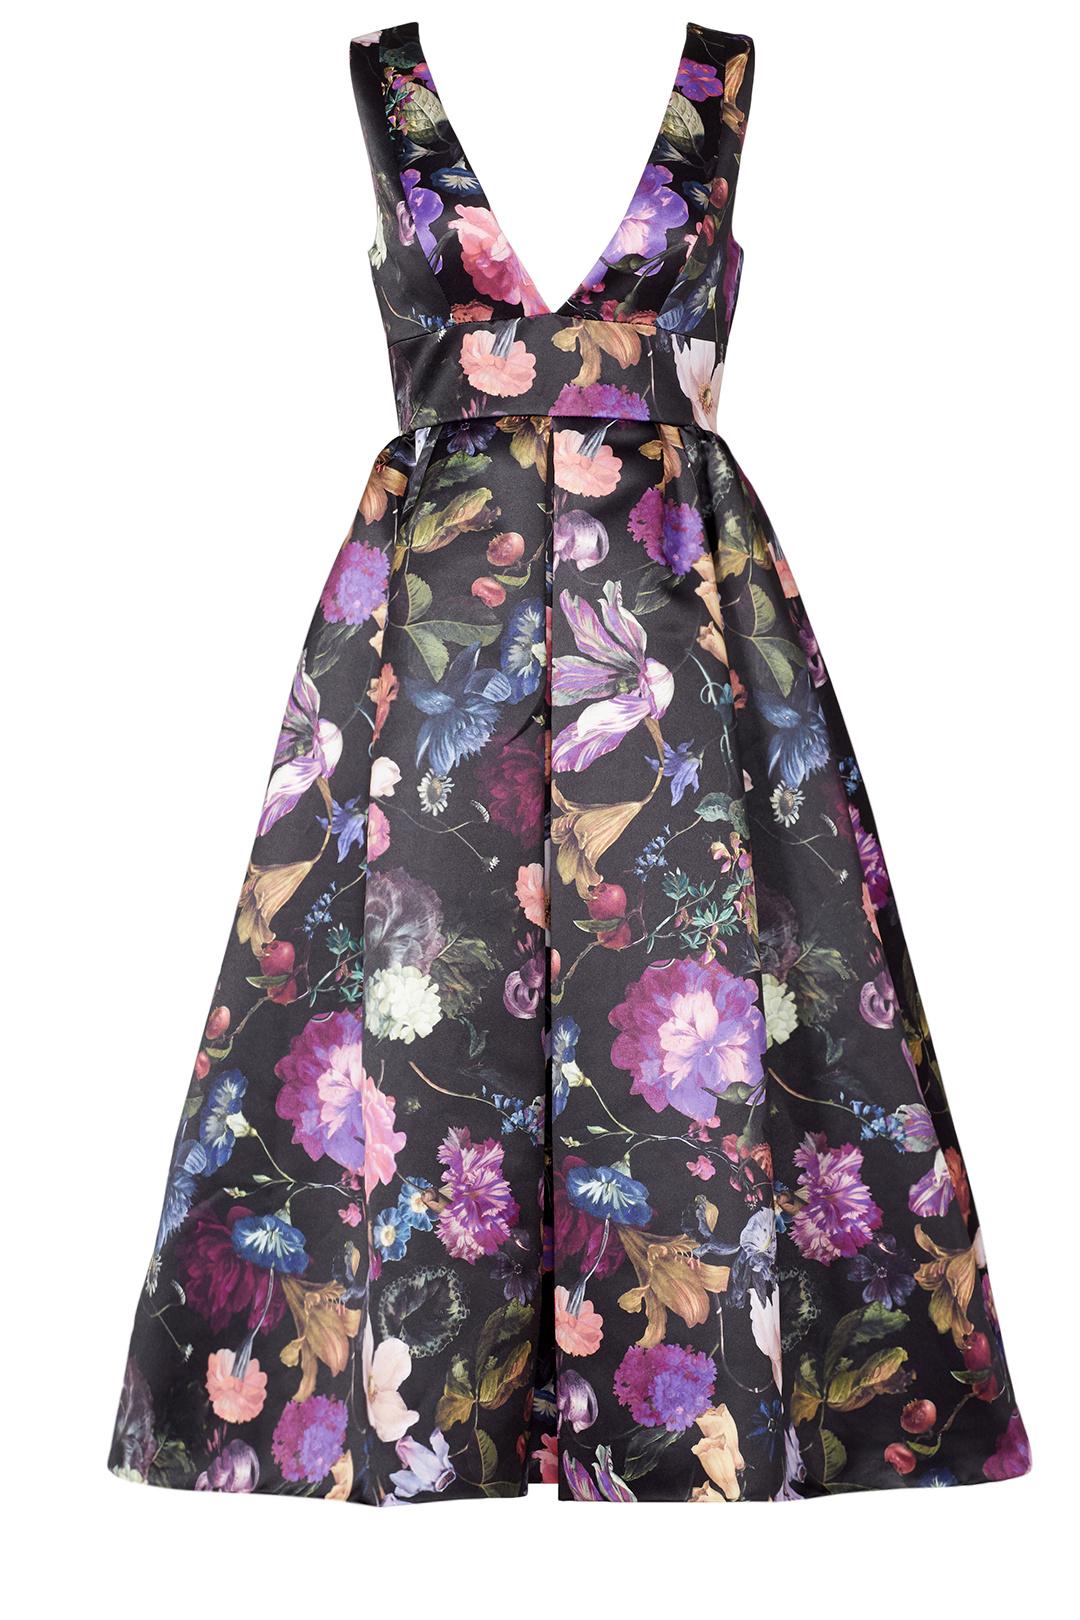 Cynthia Rowley - Winter Floral Dress